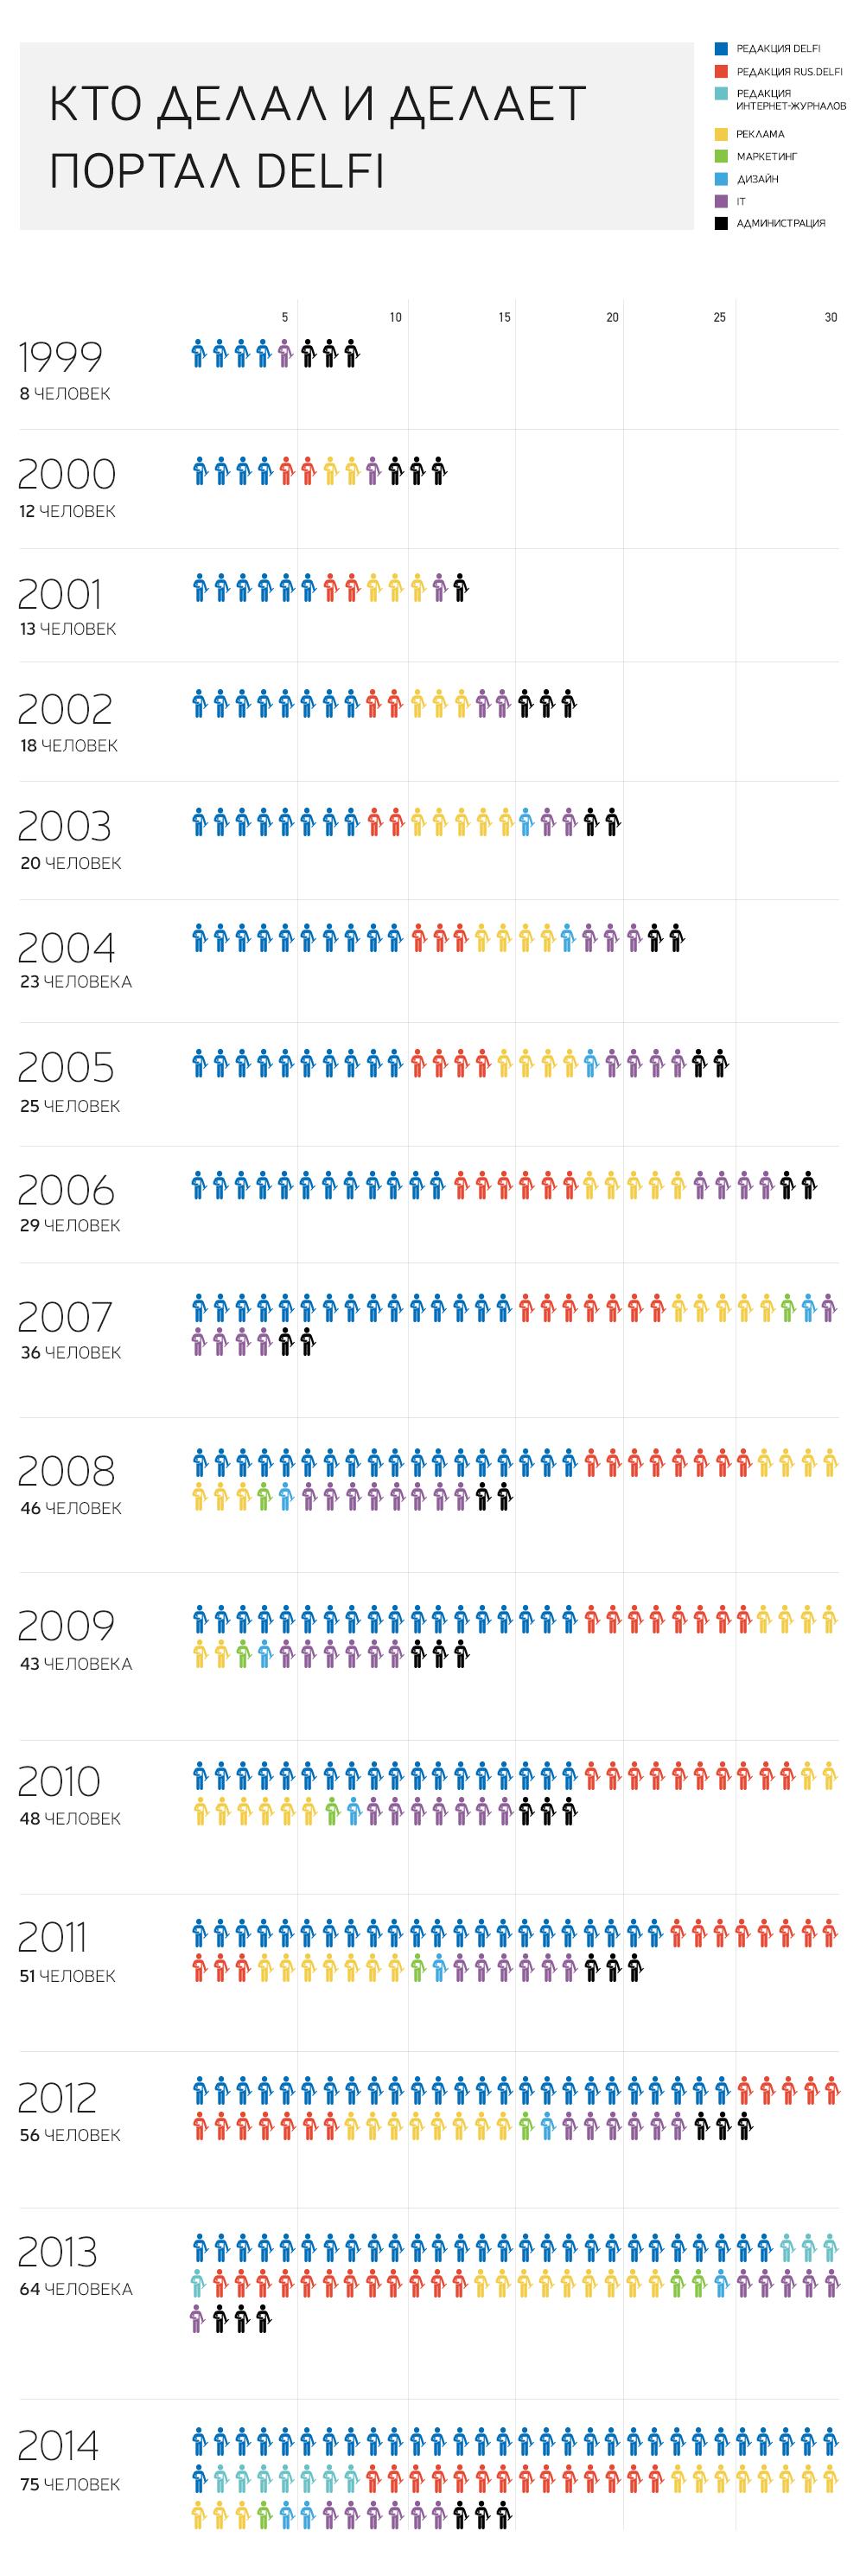 Инфографика. От 8 до 71: кто делает портал DELFI